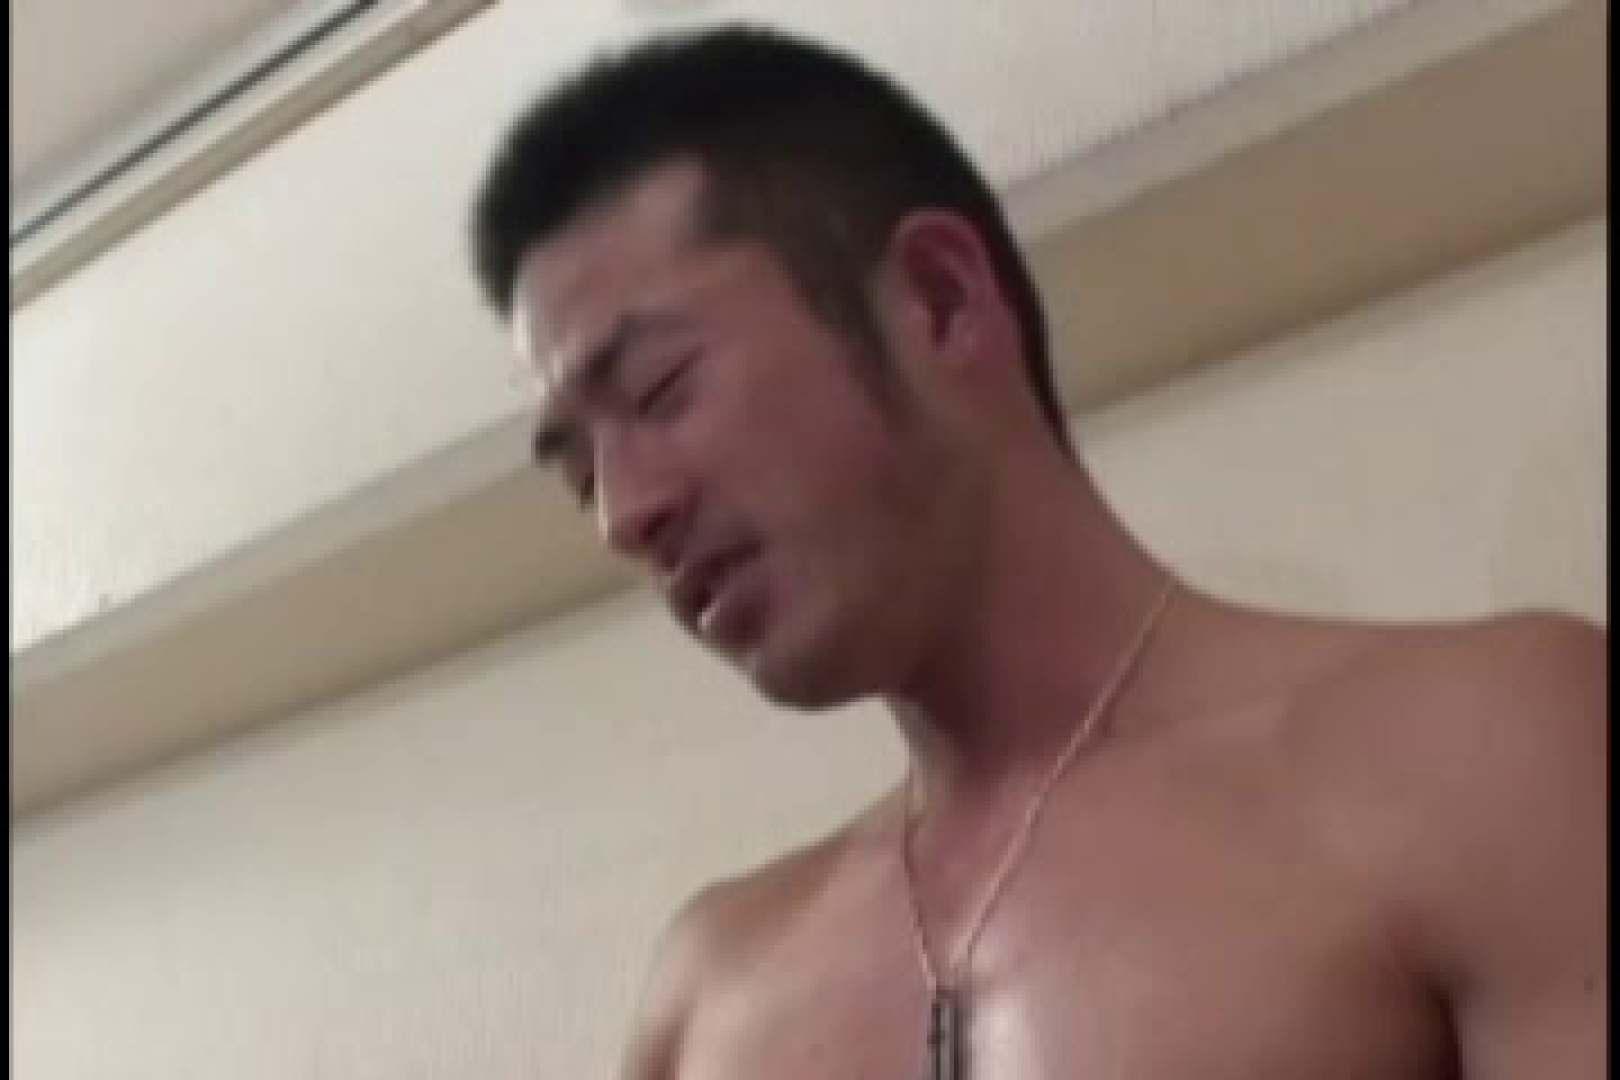 スリ筋!!スポメンのDANKON最高!!take.04 バック ゲイ射精画像 92枚 77